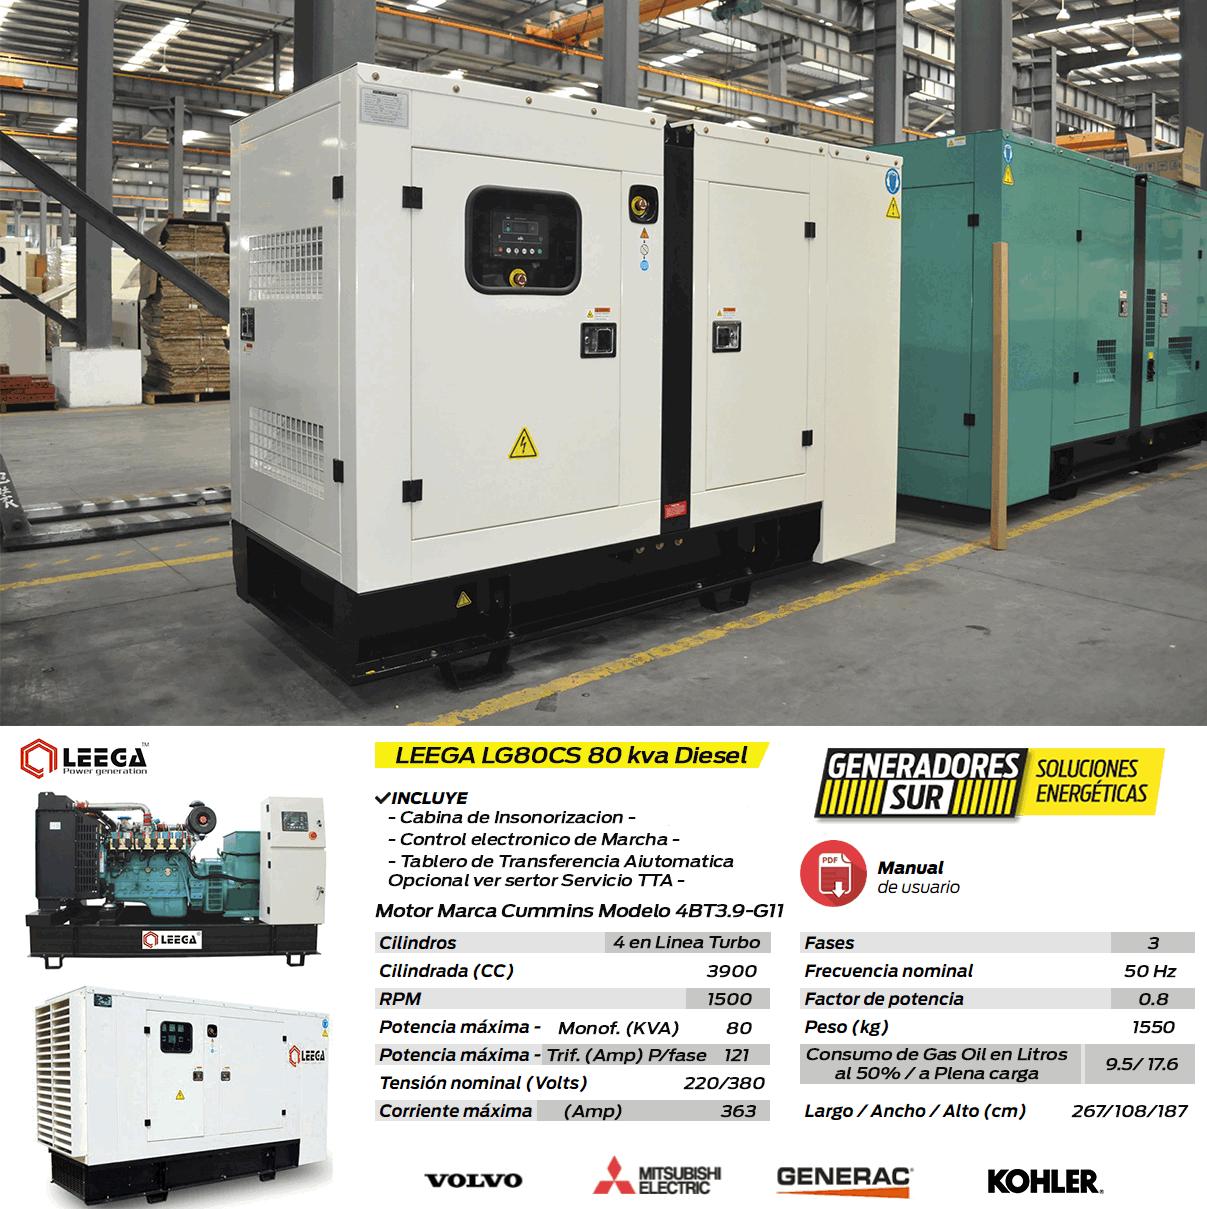 Caratula-gererac-Leega-LG80CS-Diesel.png